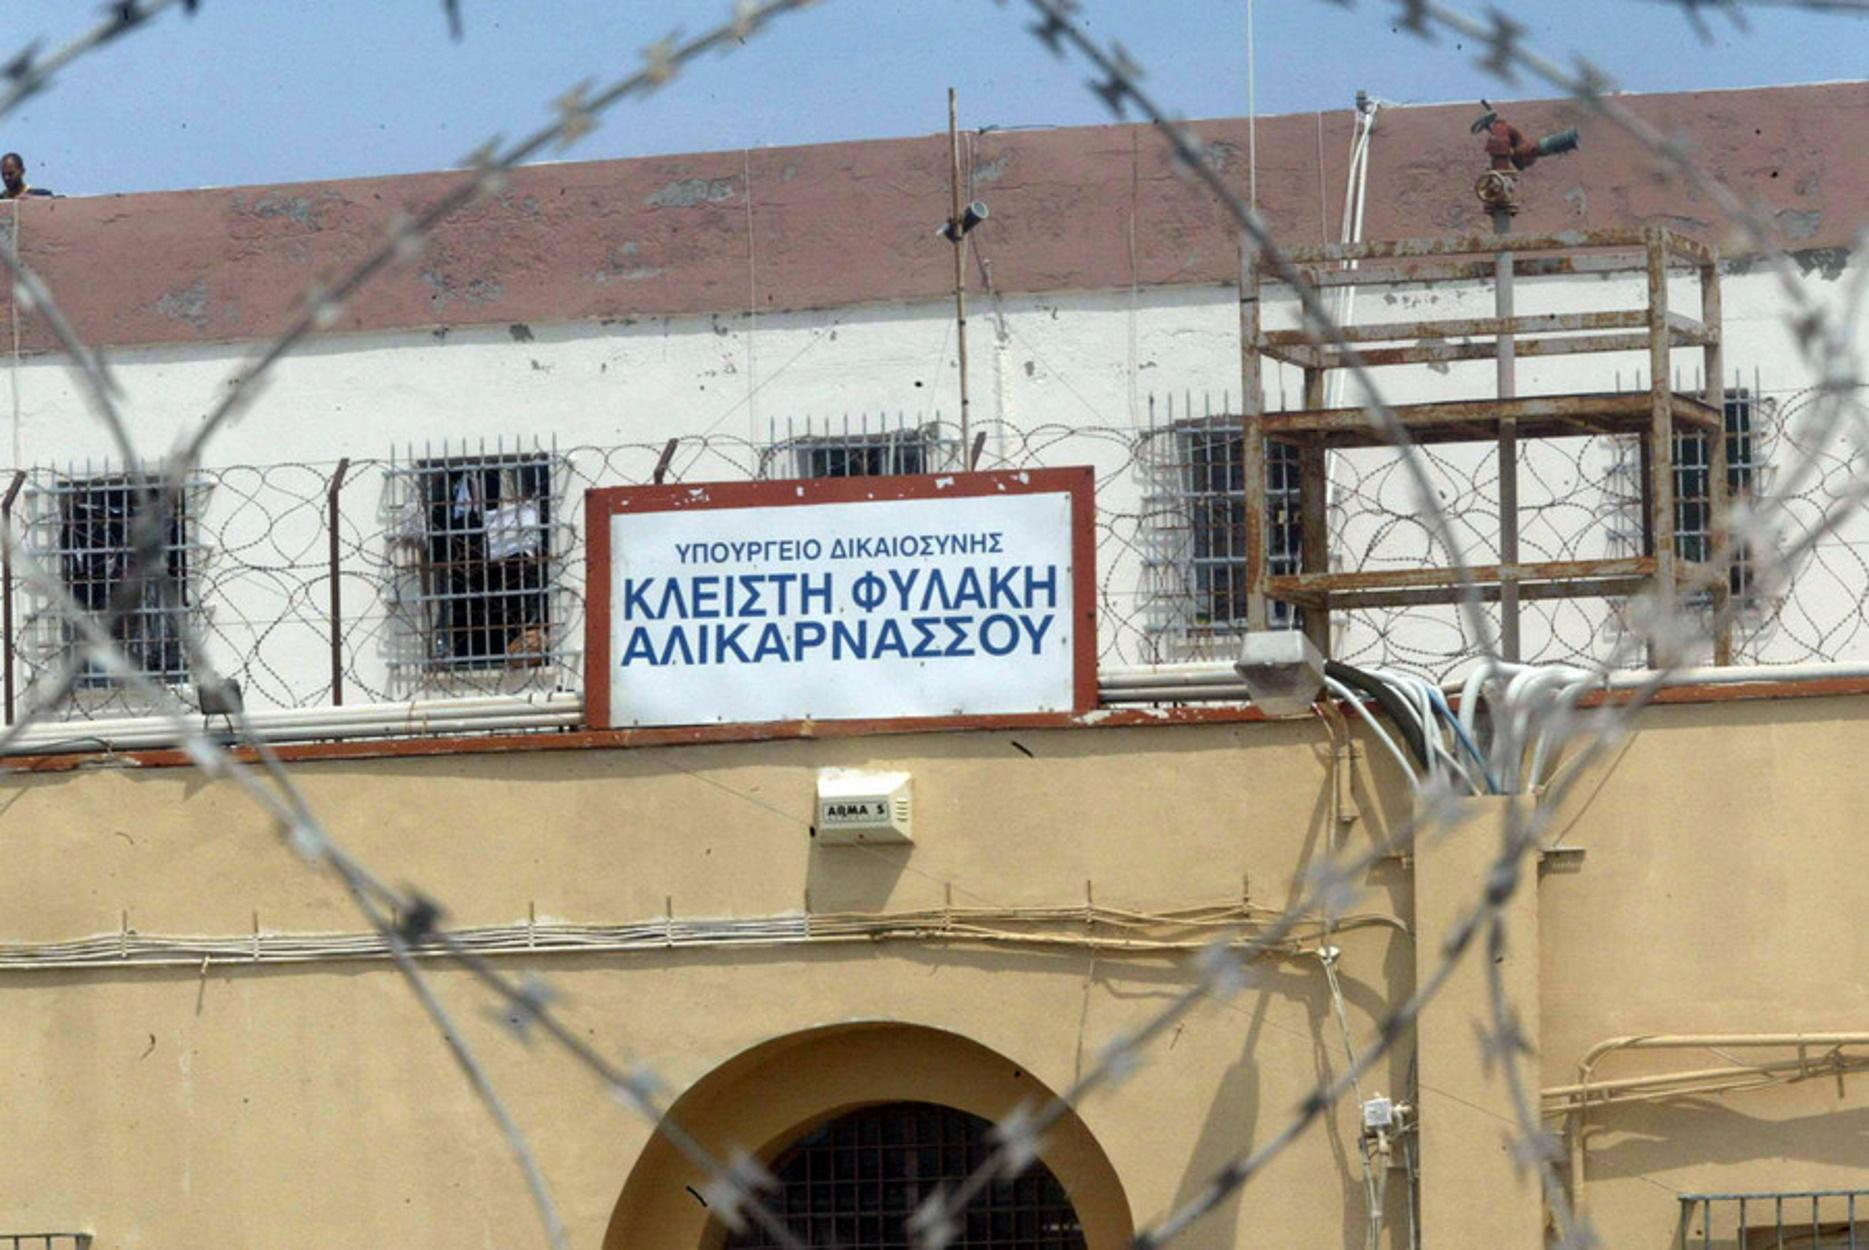 Φυλακές Αλικαρνασσού: Φωτιά και άγρια επεισόδια – Με εγκαύματα 3 κρατούμενοι